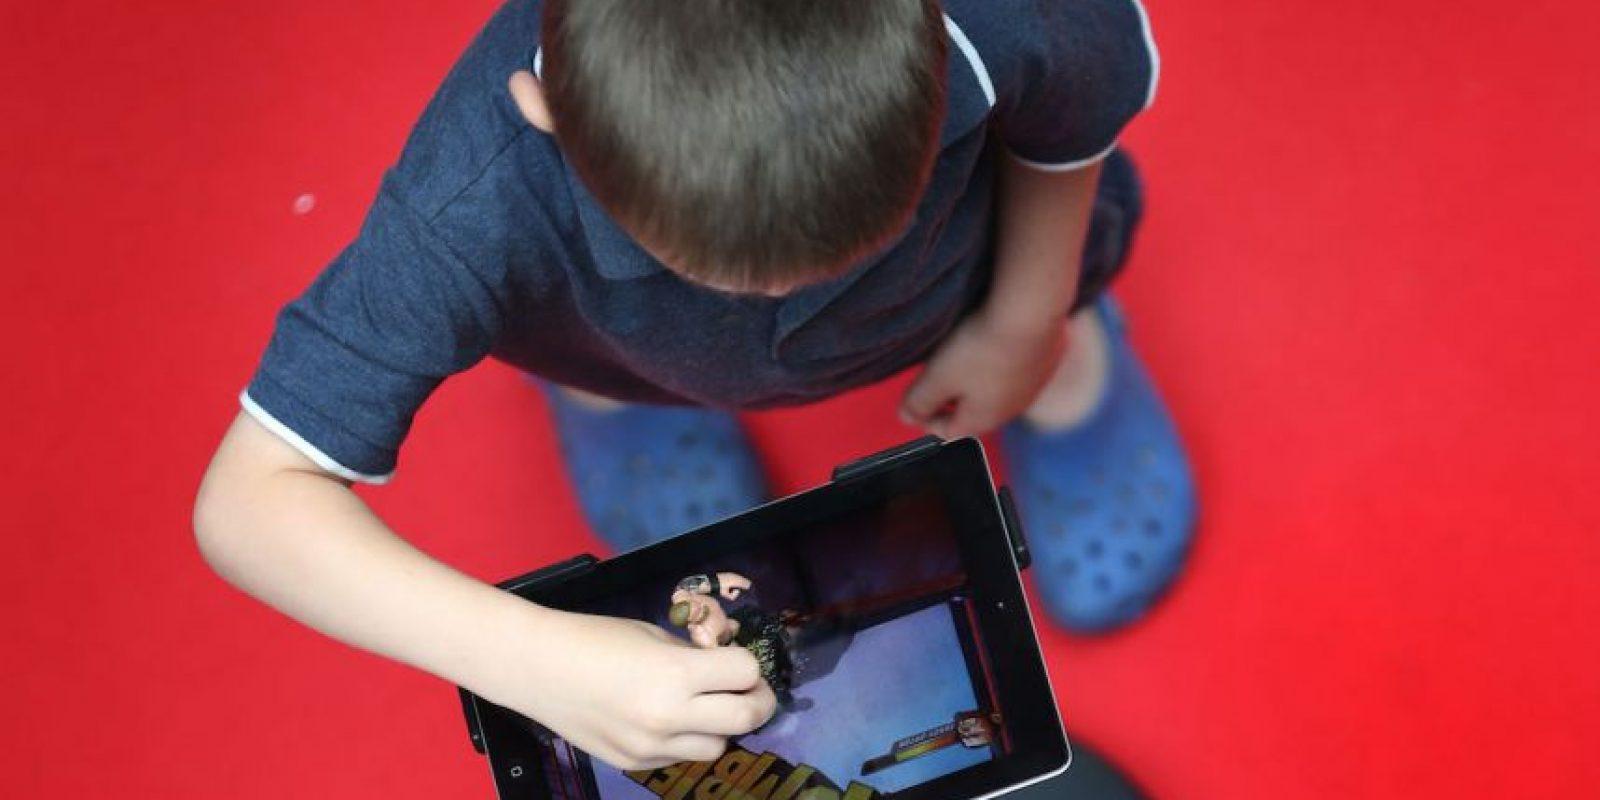 13- Descargas. Enséñenles sitios que conozcan donde puedan descarga música, juegos y videos de forma segura. Foto:Getty Images